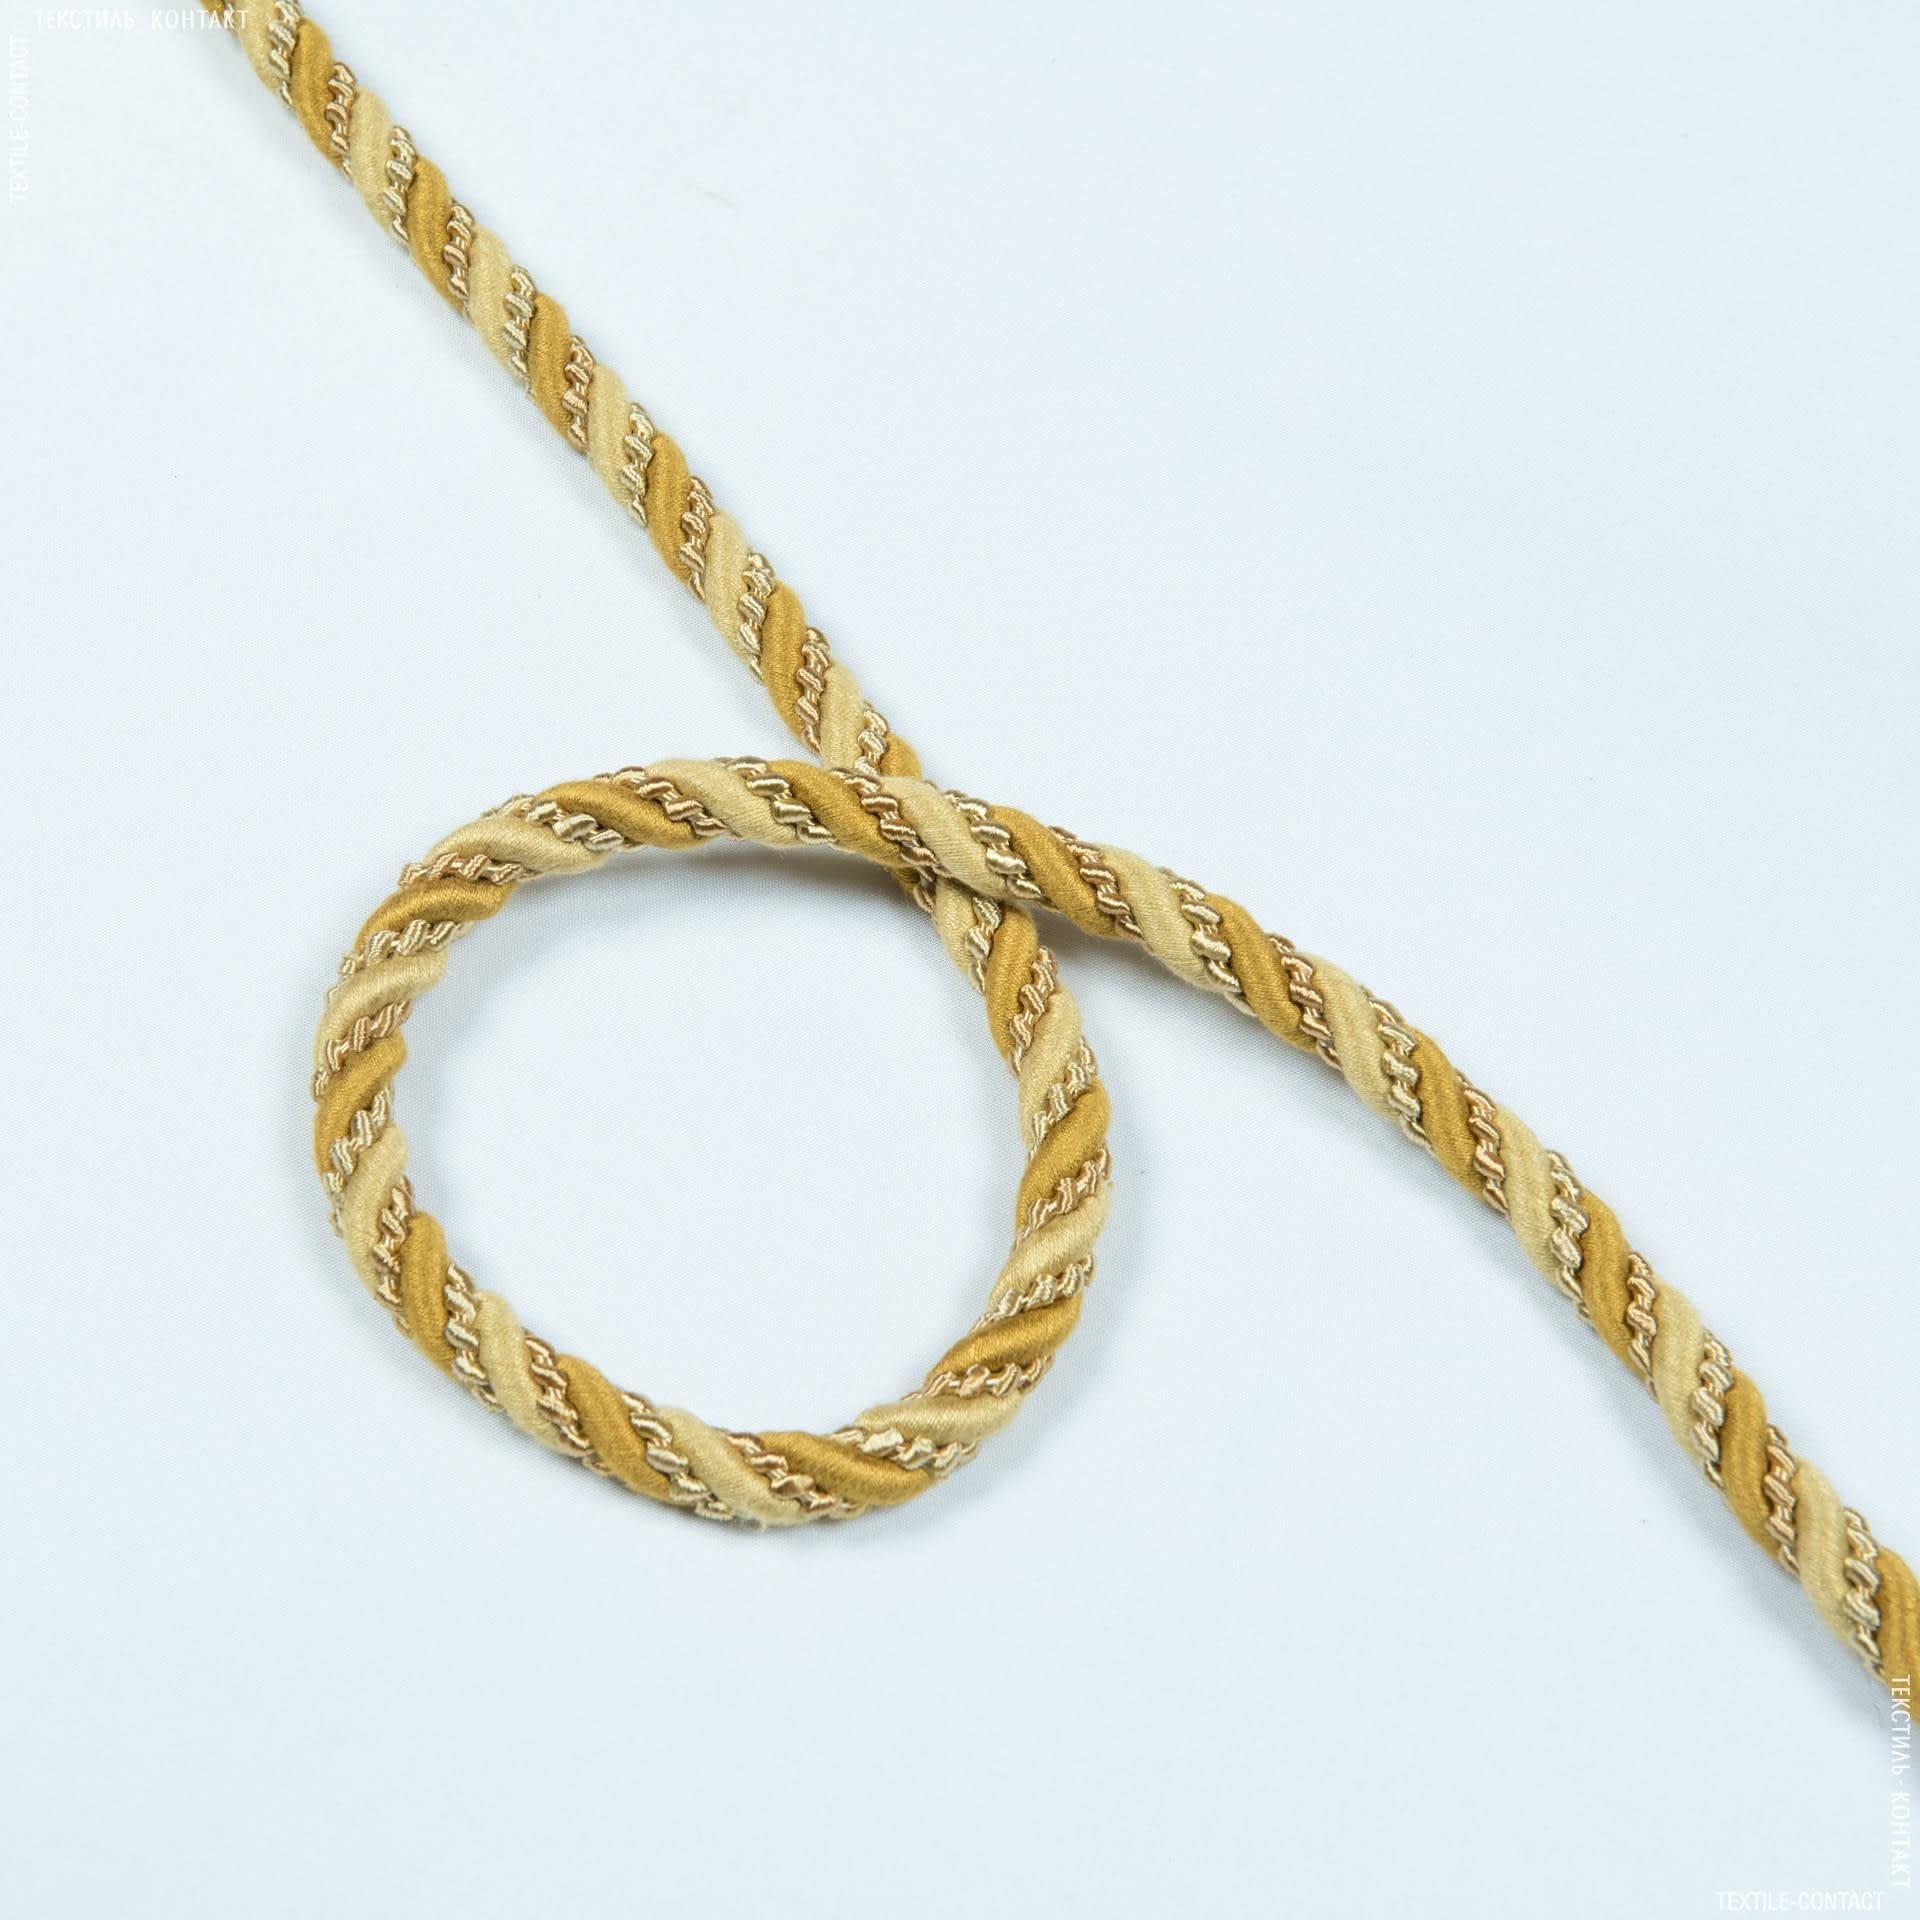 Ткани фурнитура для декора - Шнур окантовочный Базель, золото